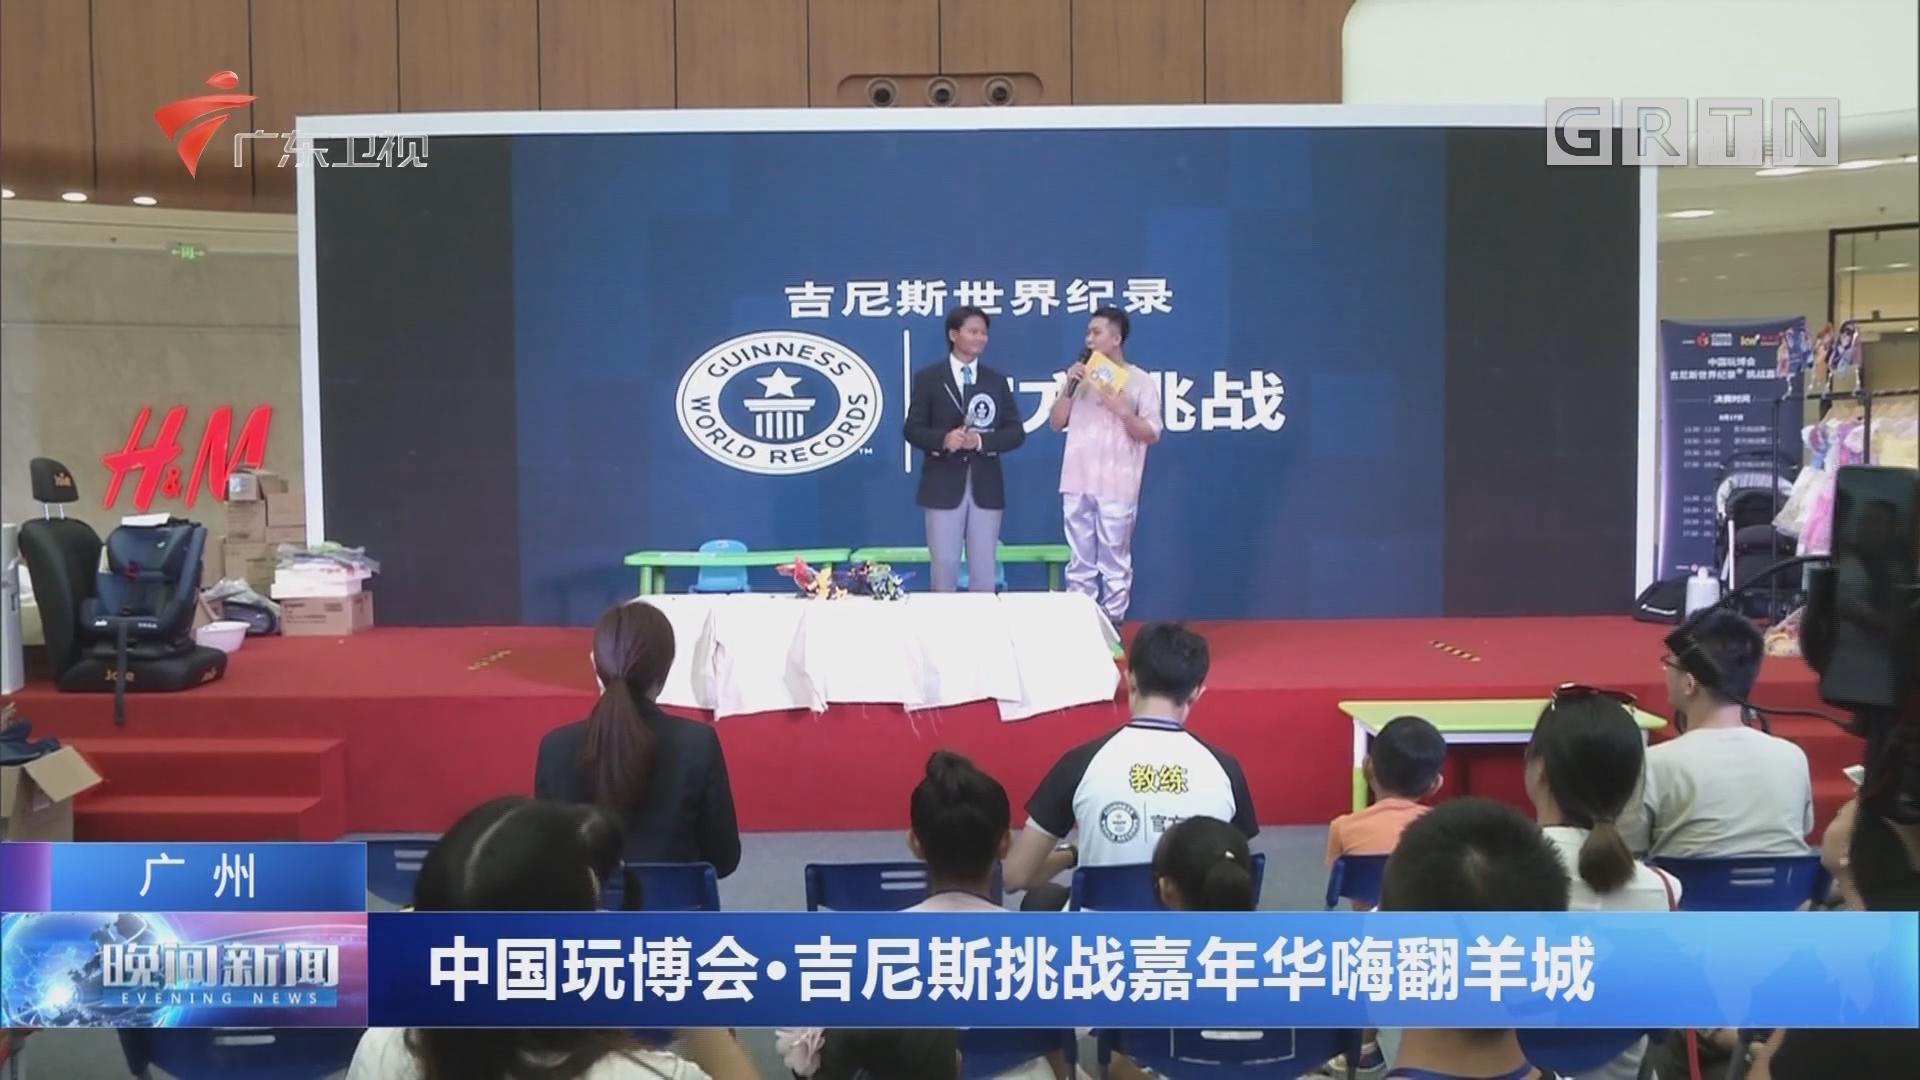 广州:中国玩博会·吉尼斯挑战嘉年华嗨翻羊城